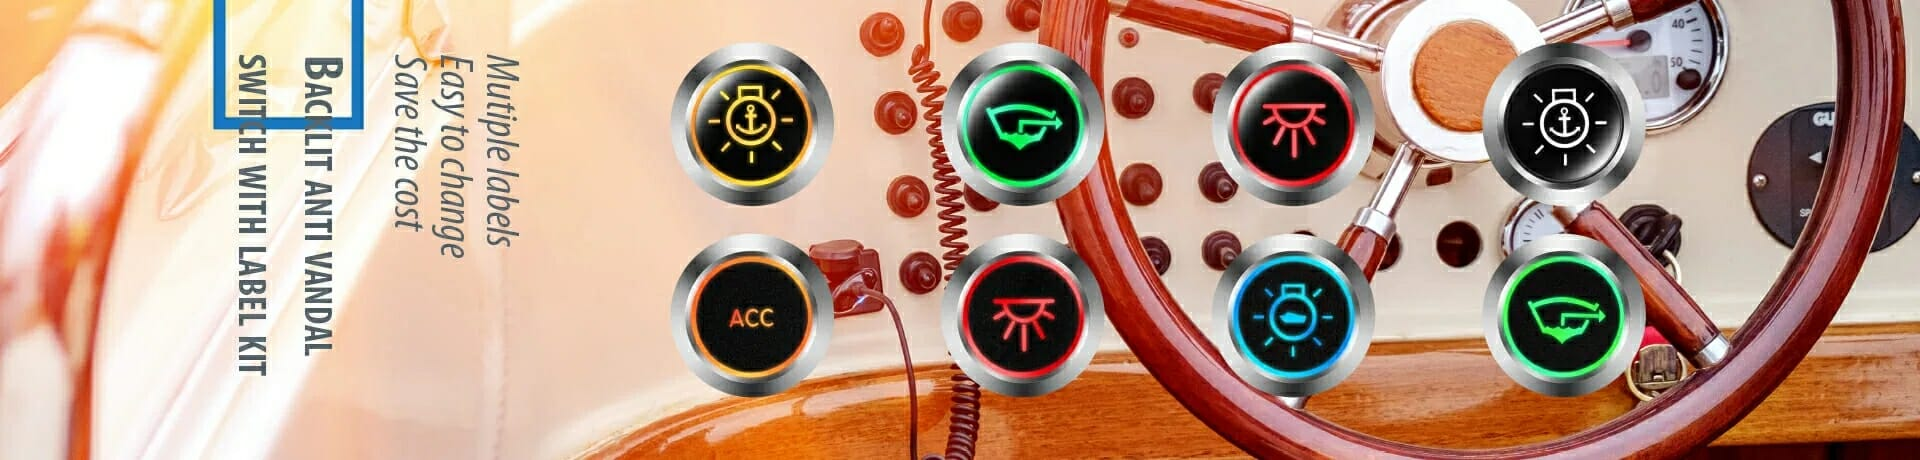 backlit-led-switch-label-kit